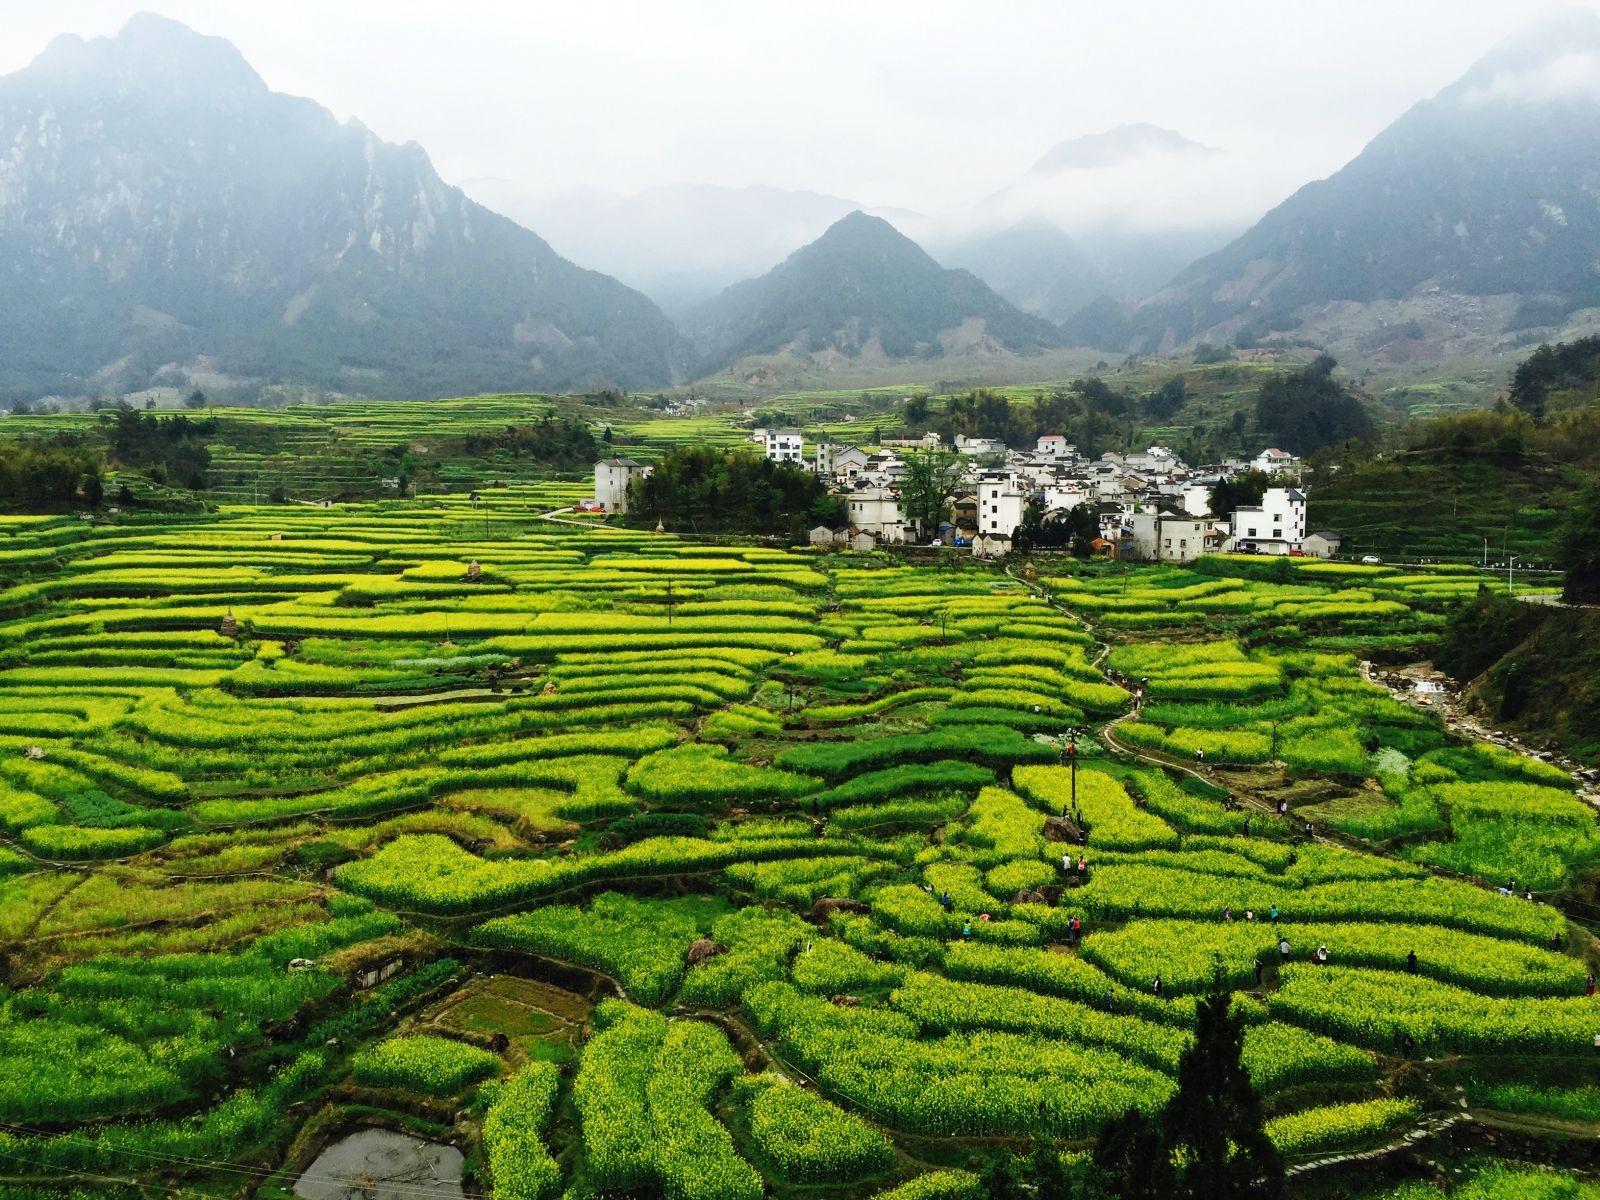 Le village de Jiapeng, pays de Wannan, au sud de l'Anhui. © Zhao Jie.